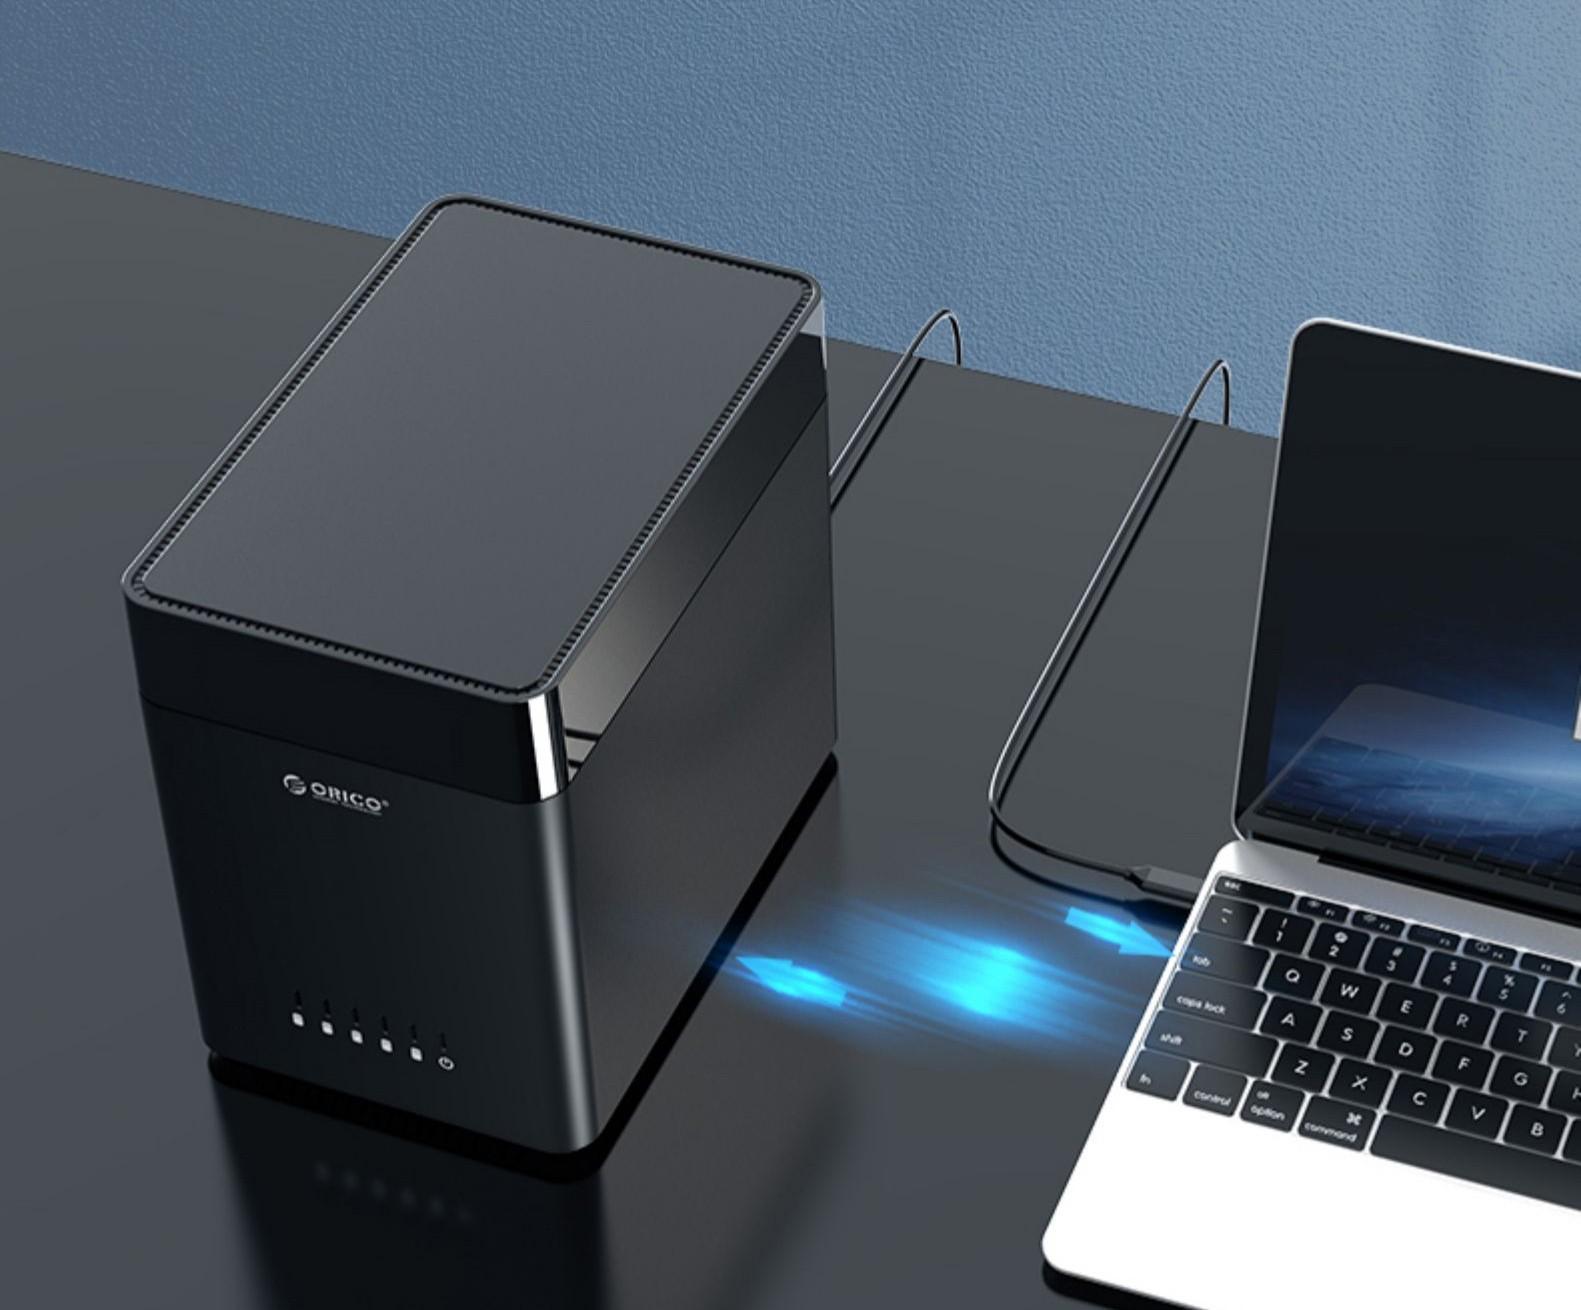 Внешний корпус для жестких дисков 35ʺ Orico DS500U3 08 - Внешний корпус для жестких дисков 3,5ʺ Orico DS500U3, вмещает 1-5 дисков, магнитный разъем